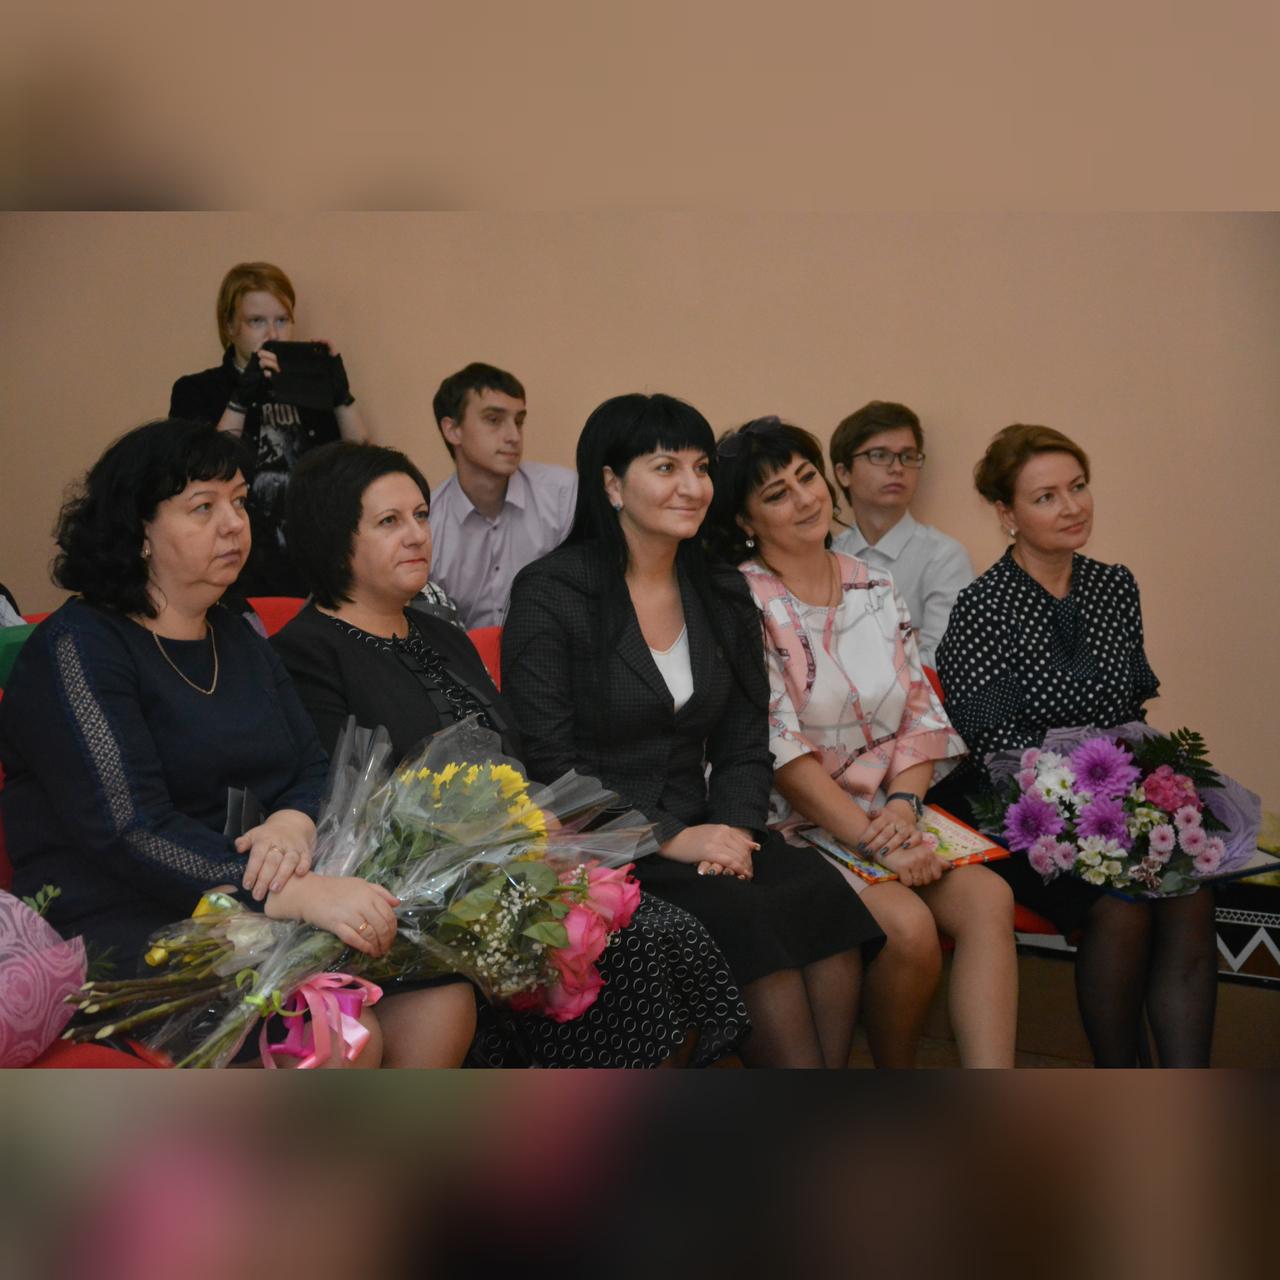 Торжественное мероприятие, посвященное 70-летию КГОБУ «Коррекционная школа-интернат 3-4 видов».